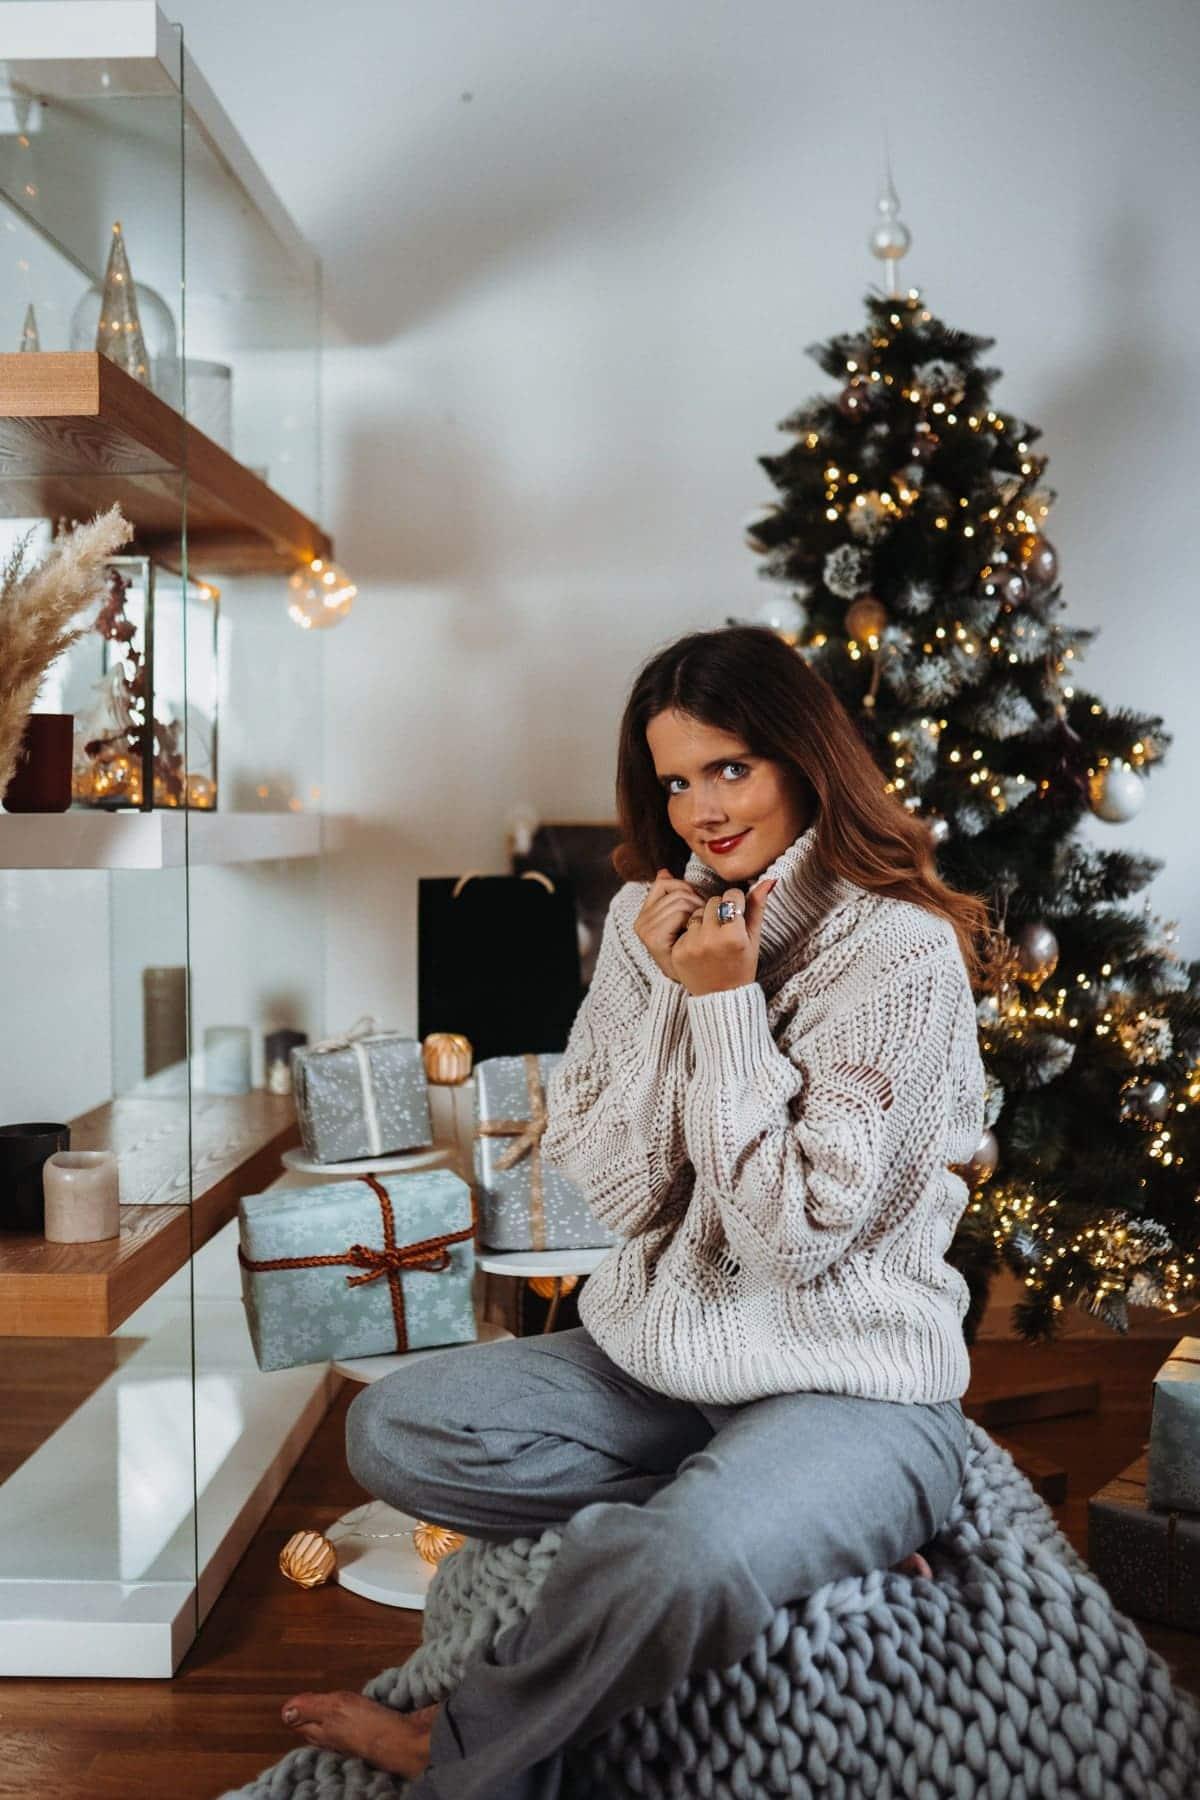 Des Belles Choses Blogger Adventskalender 2019 - 24 Türchen, 25 Gewinne im Wert von 5000 Euro